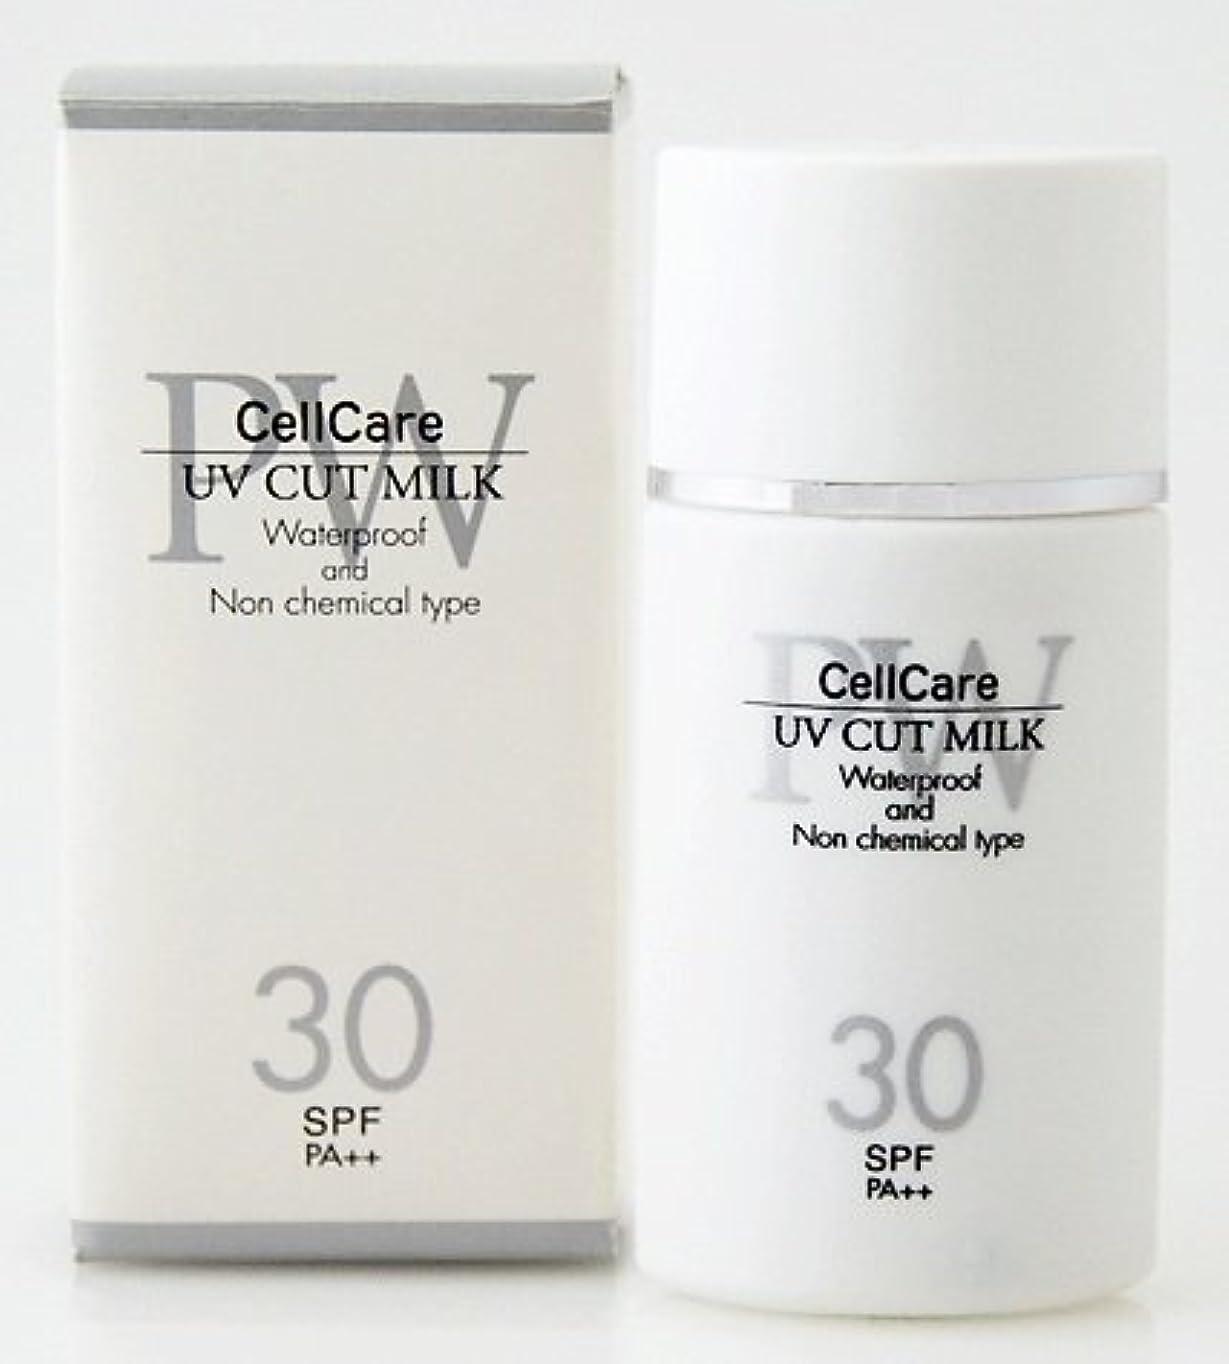 キャンプスクリーチ下手セルケア ピュアホワイト UVカットミルク 30g(日焼け止め乳液) SPF30 PA++ 保湿